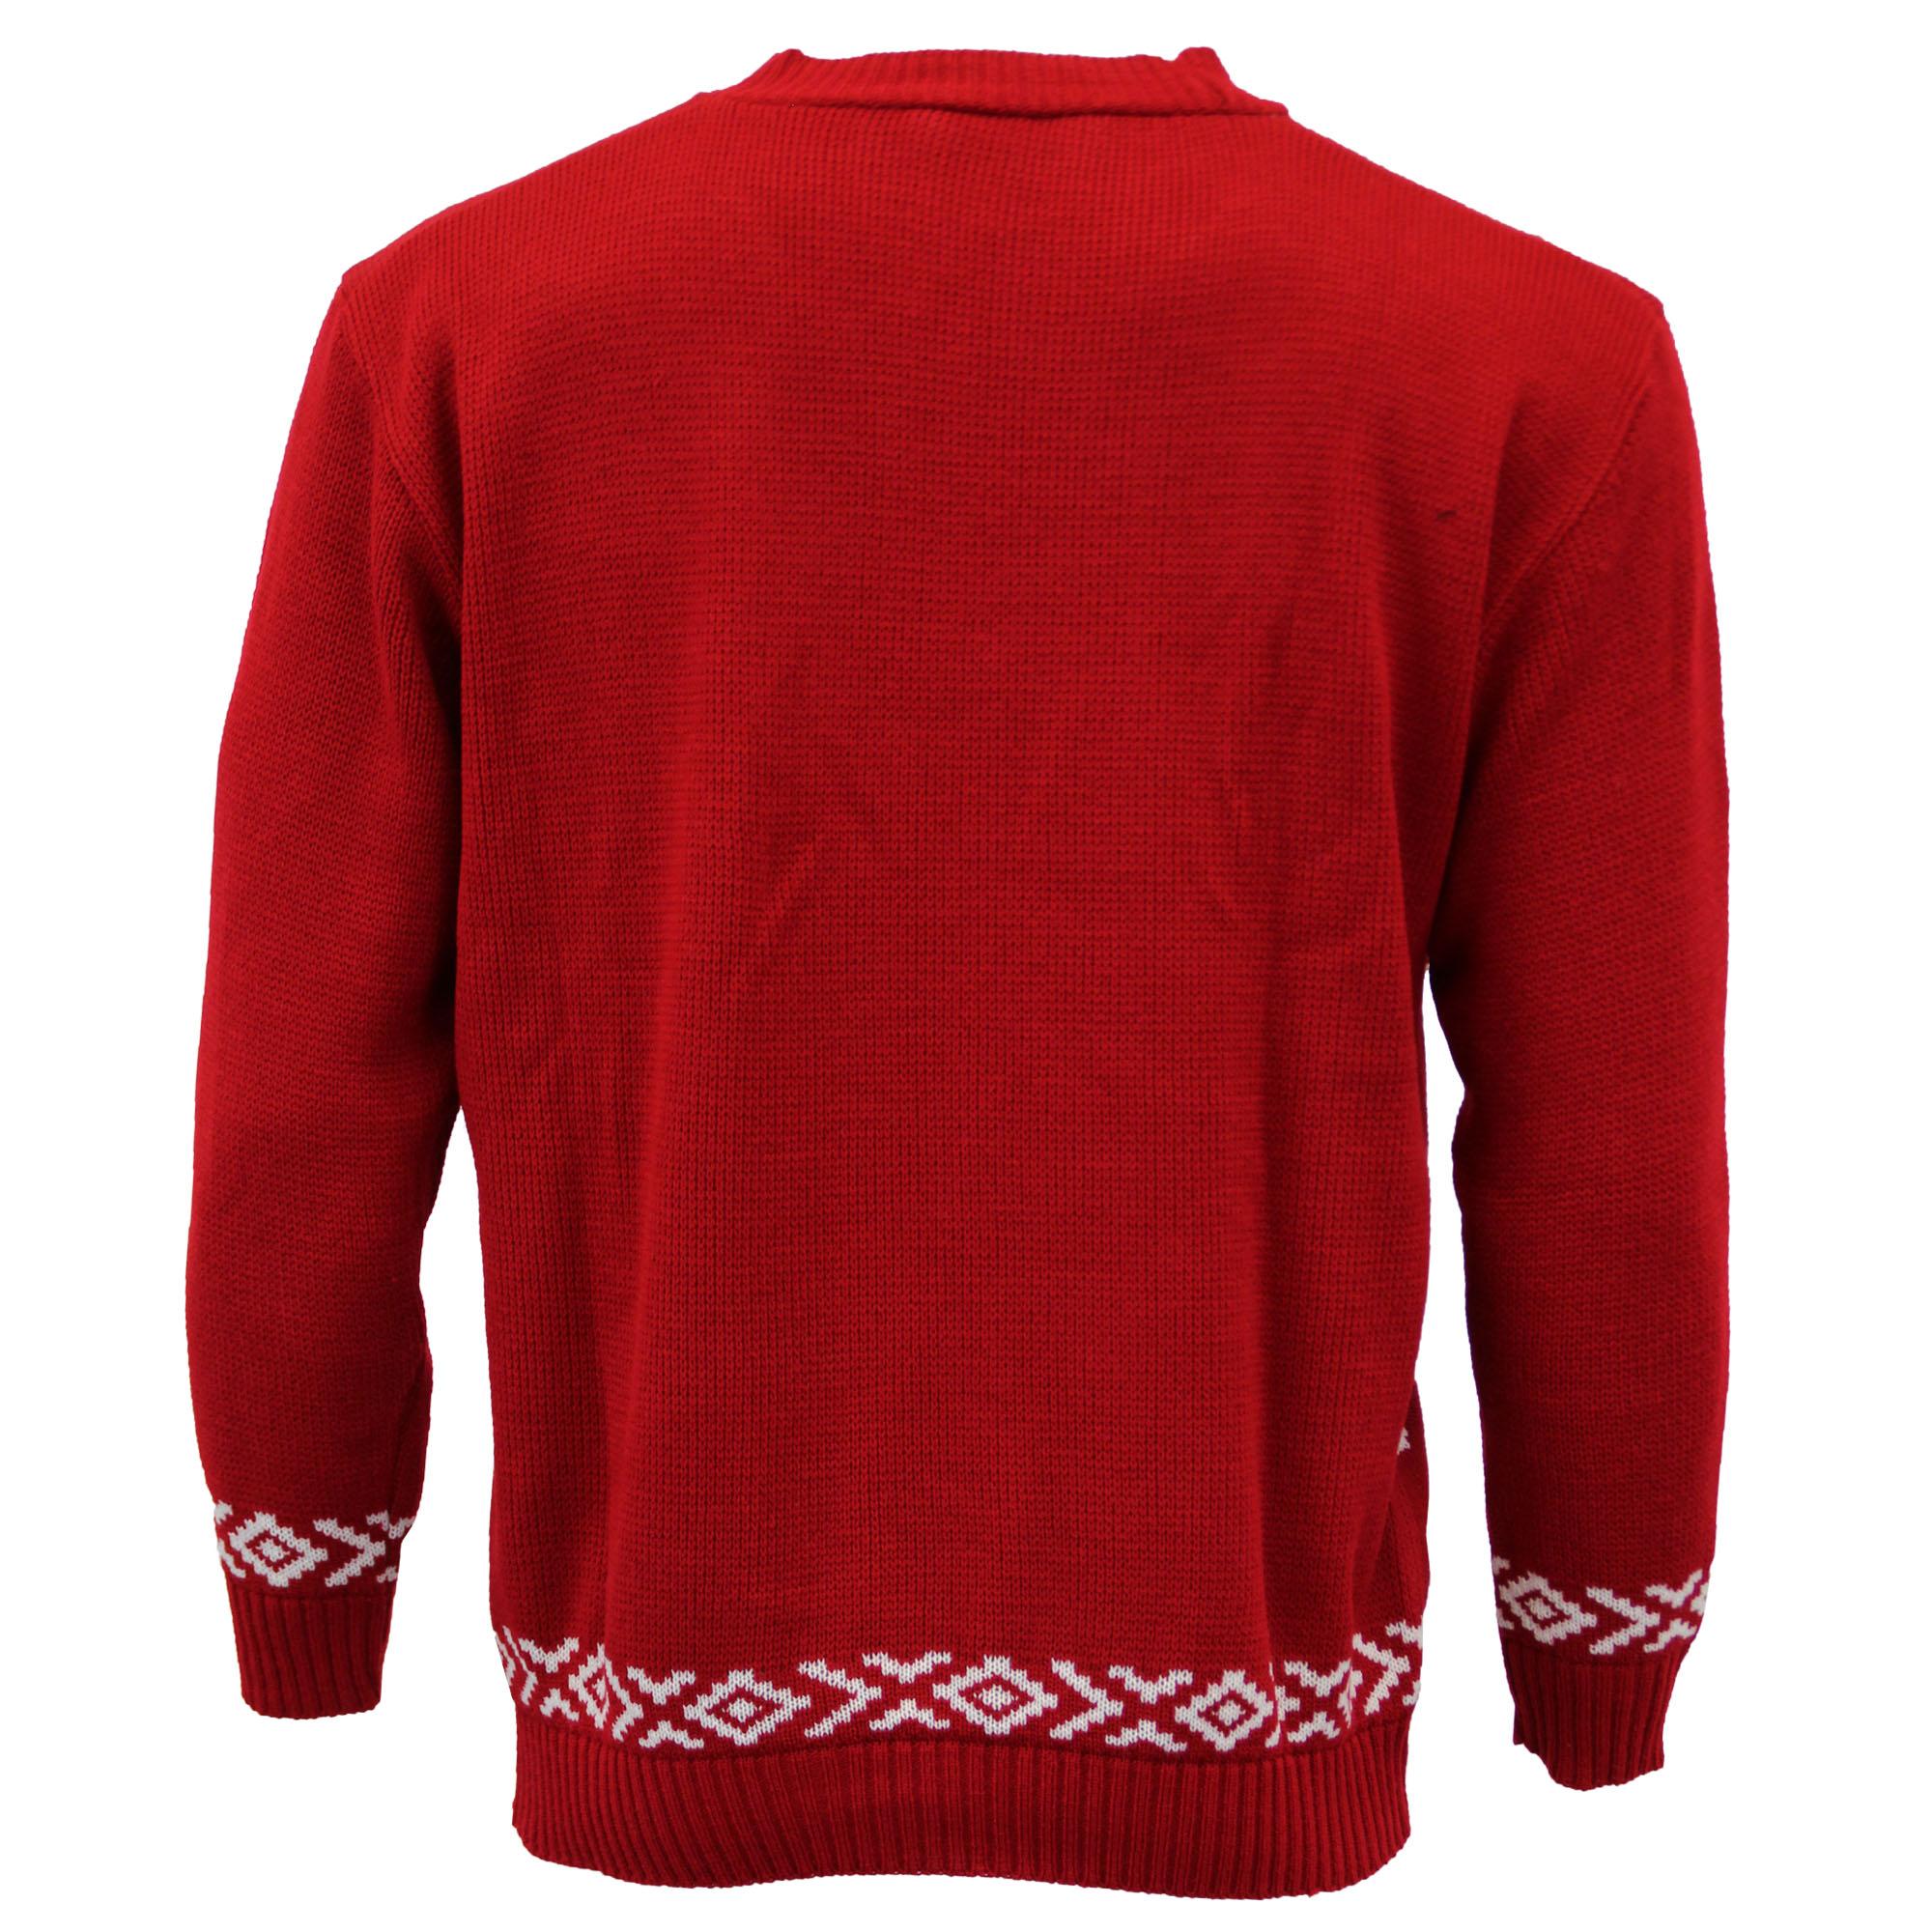 Jersey-Para-Hombre-Damas-Navidad-Navidad-Rudolf-Reno-Pom-Pom-Novedad-De-Punto-De-Invierno miniatura 9